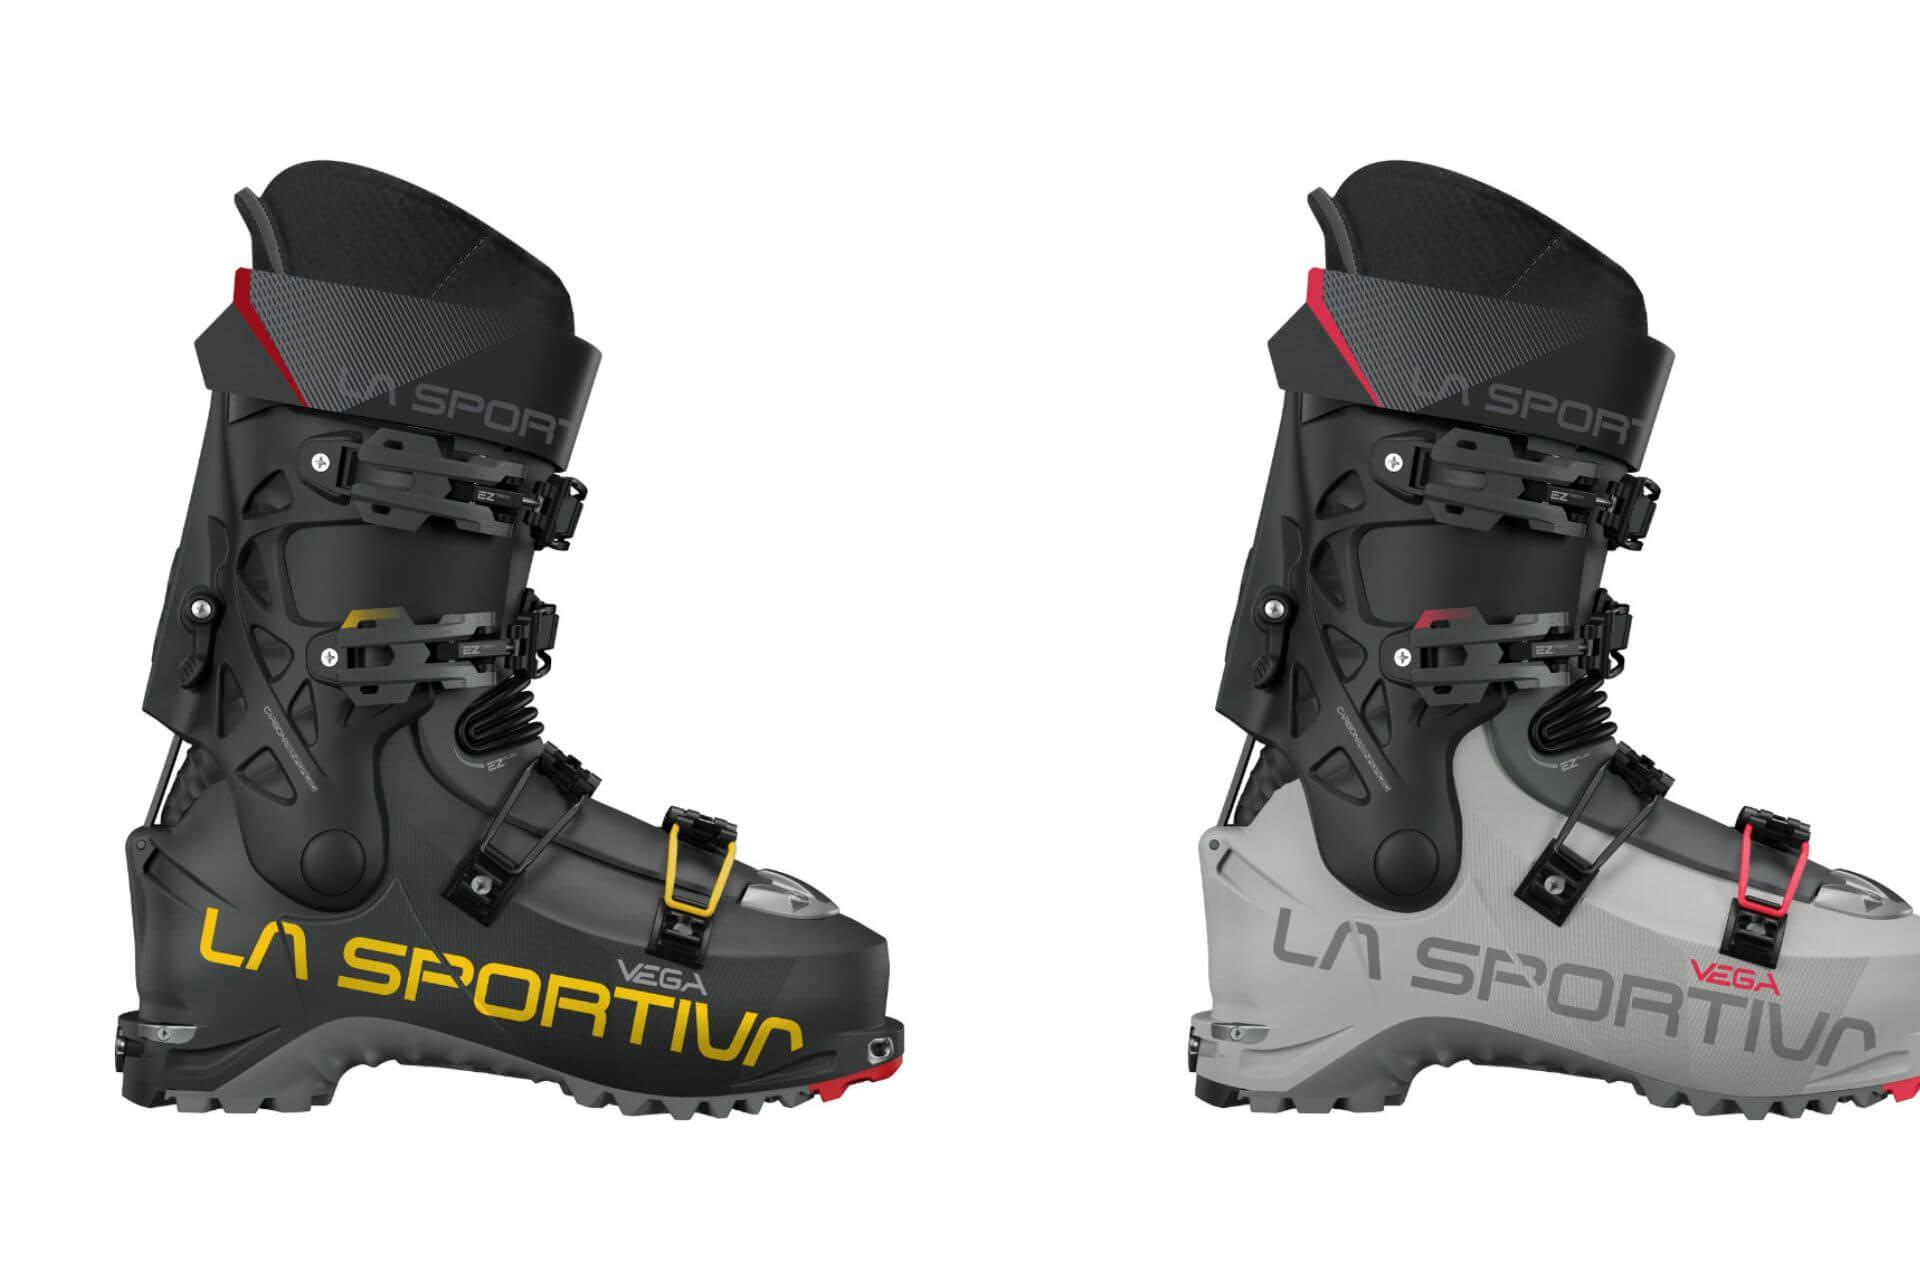 Der neue La Sportiva Vega.